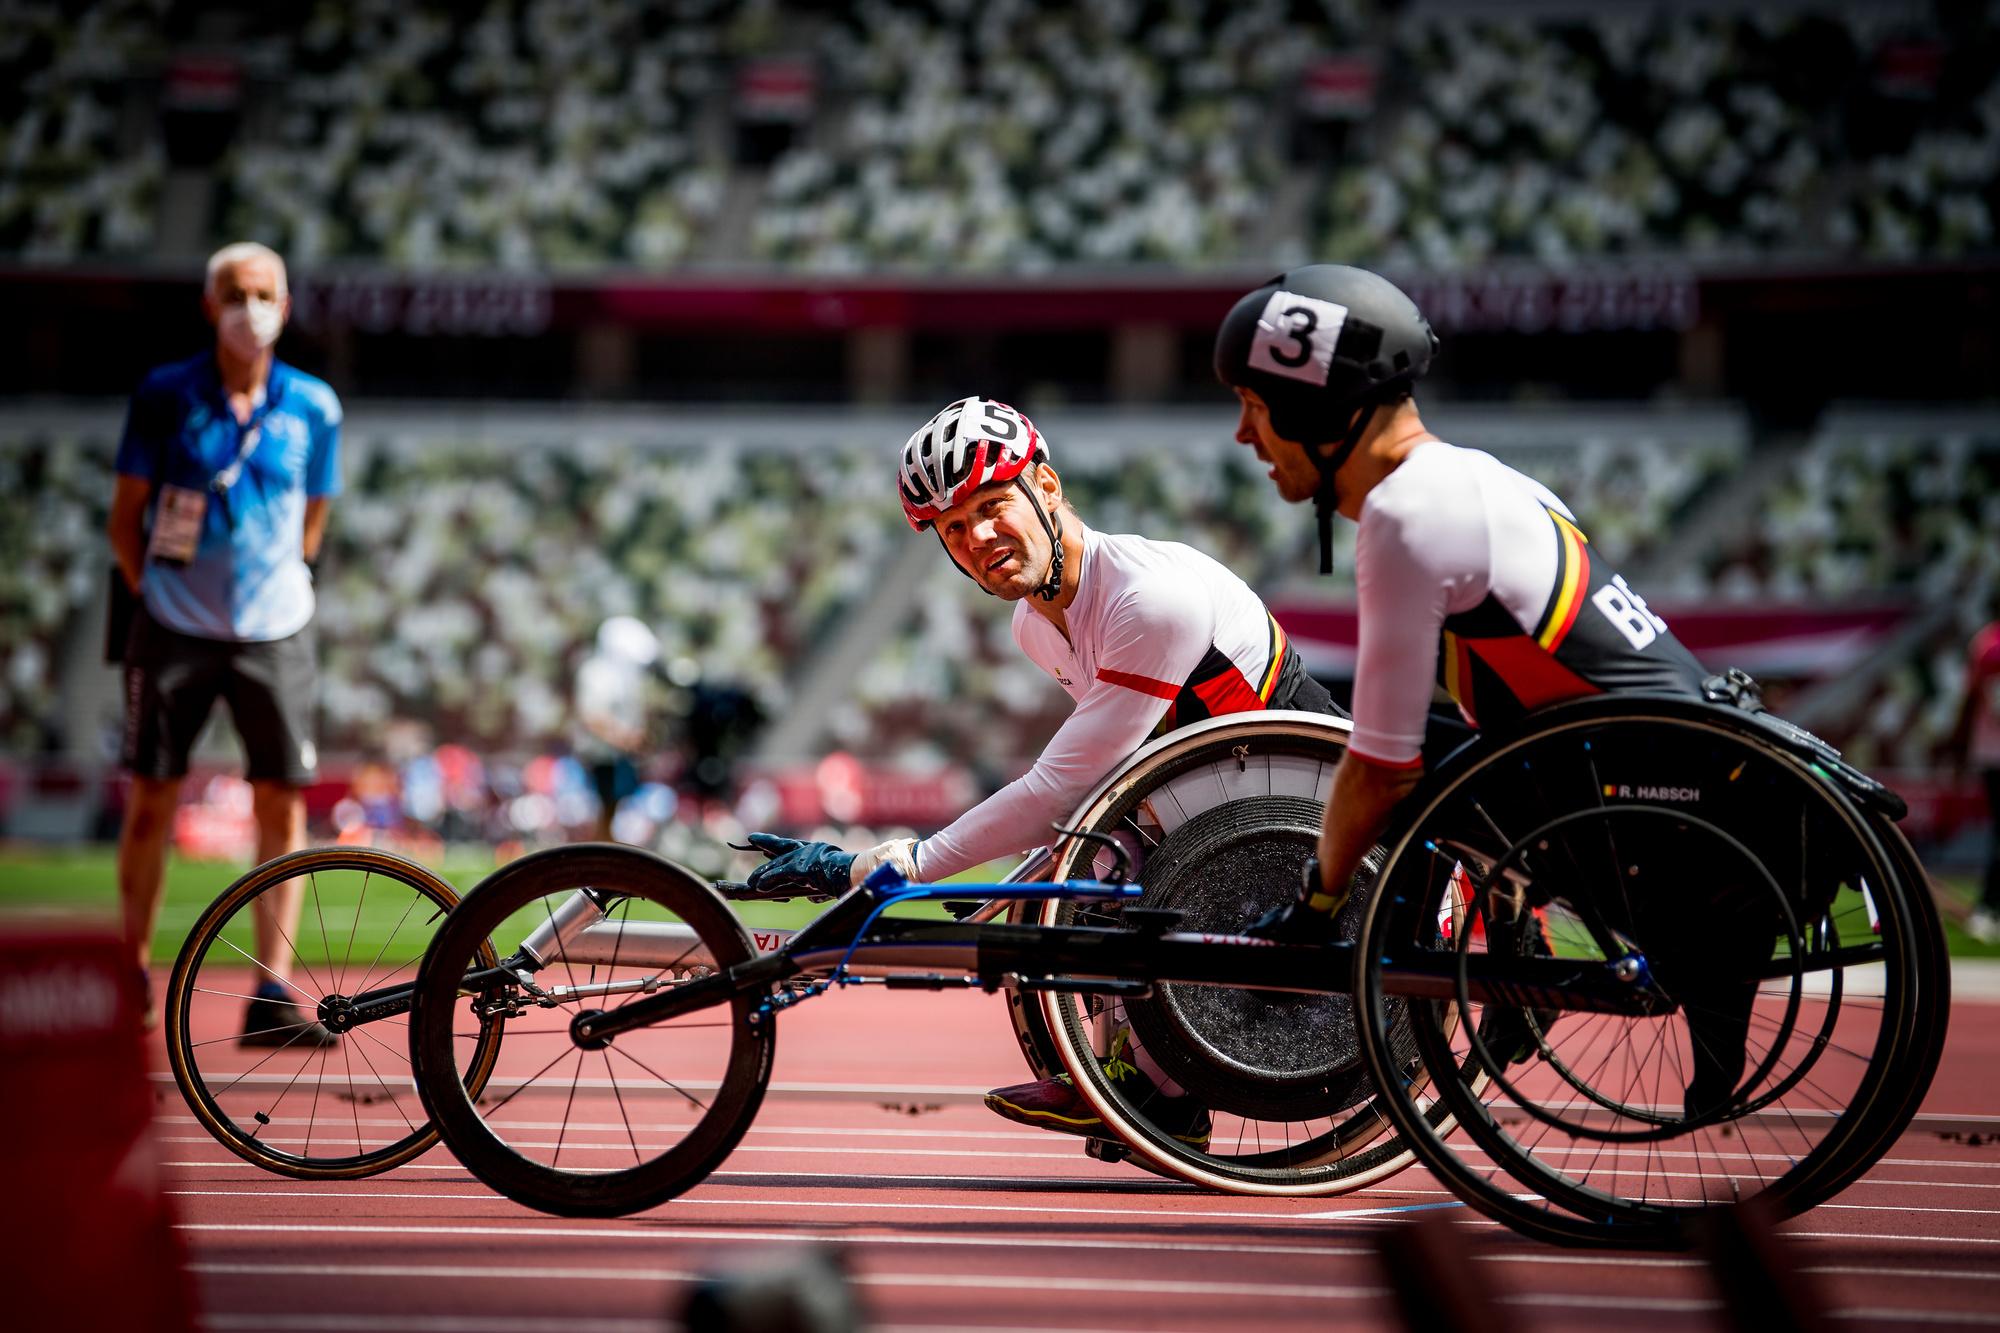 Si Habsch (à droite) était satisfait de sa médaille de bronze, Peter Genyns, médaillé d'argent (à gauche), était déçu de ne pas avoir su décrocher l'or olympique., belga